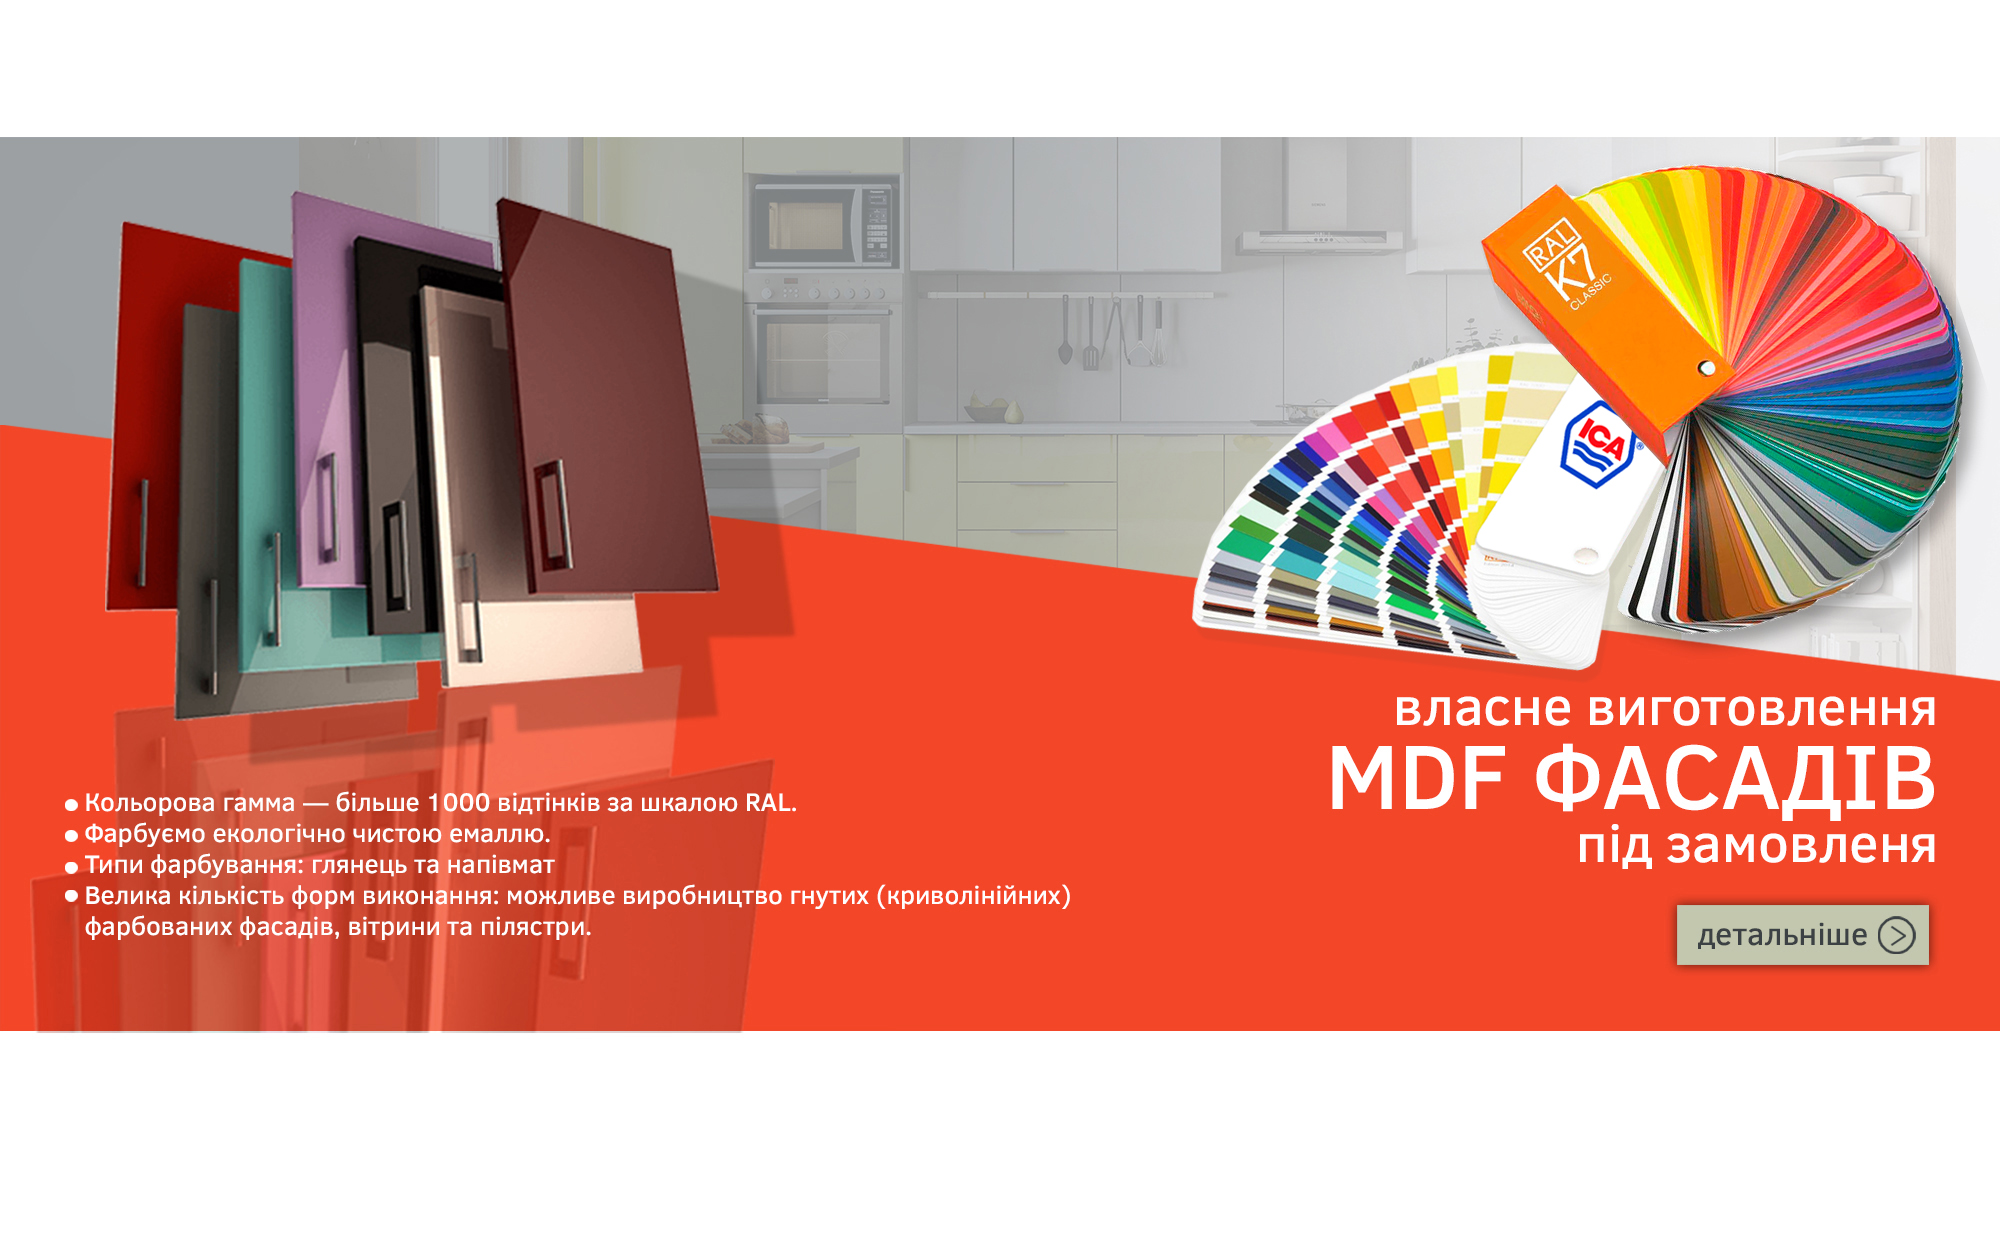 MDF facades